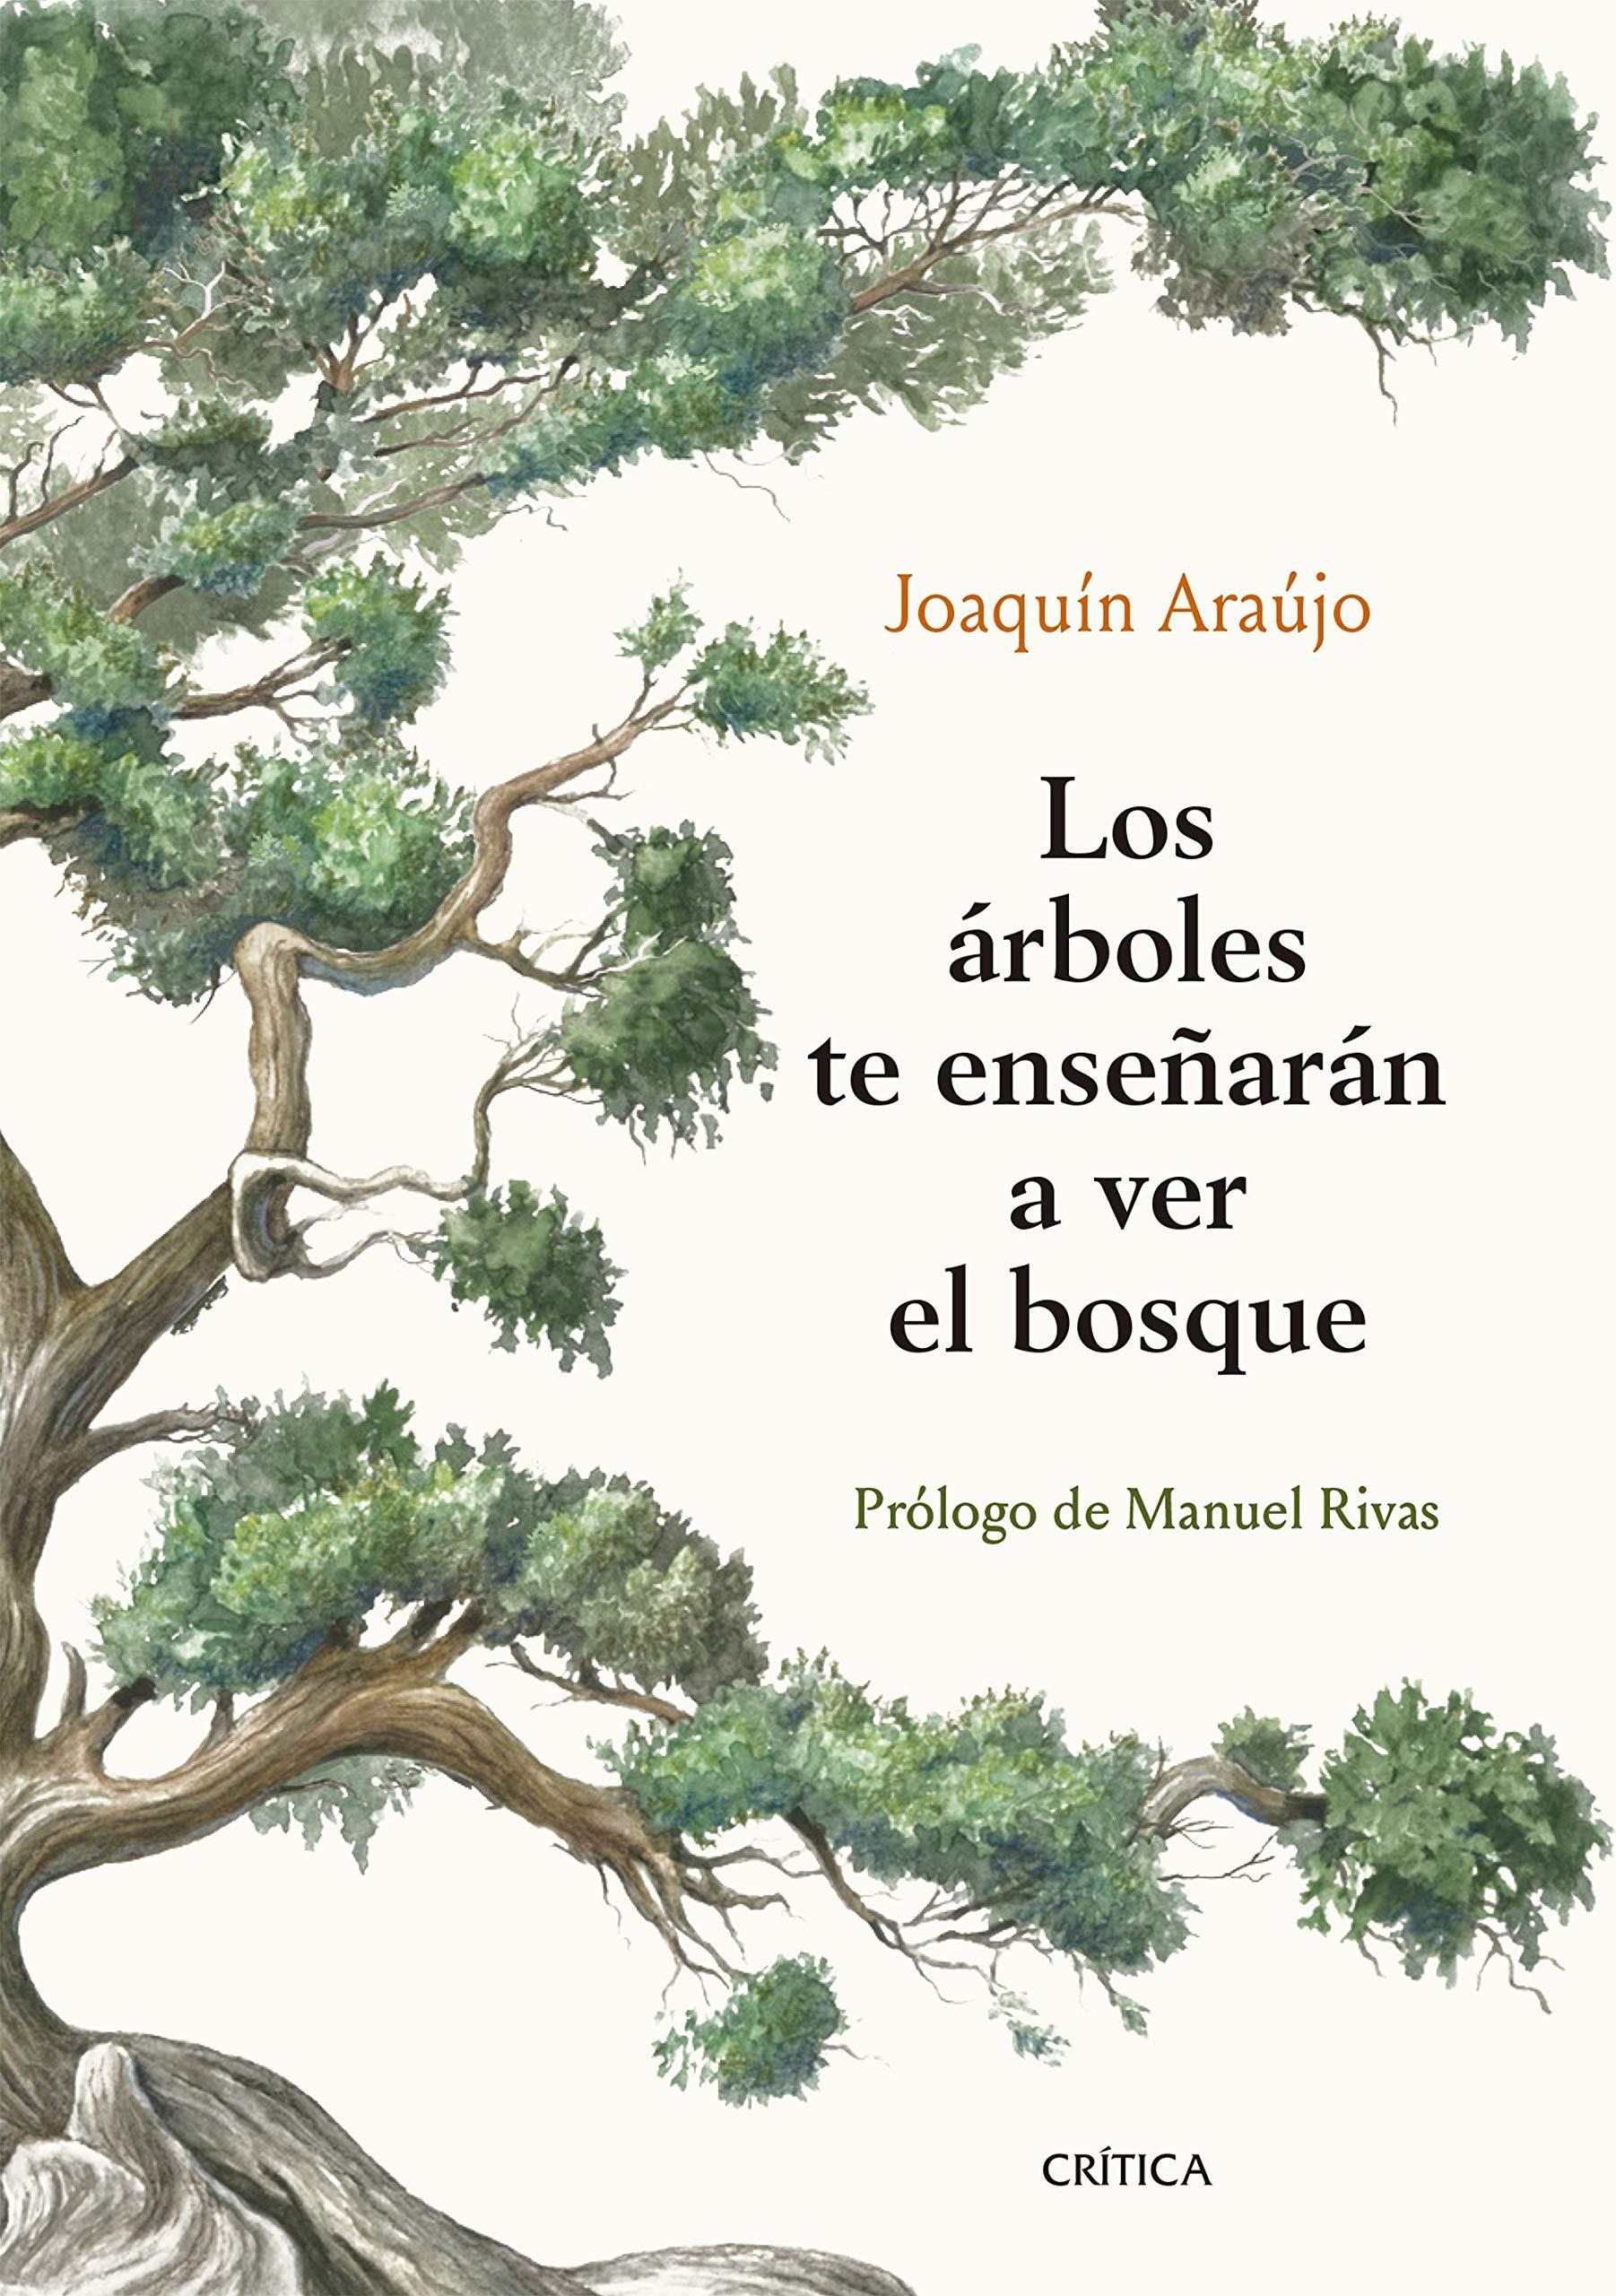 Los árboles te enseñarán a ver el bosque: Prólogo de Manuel Rivas Ares y Mares: Amazon.es: Araújo, Joaquín: Libros